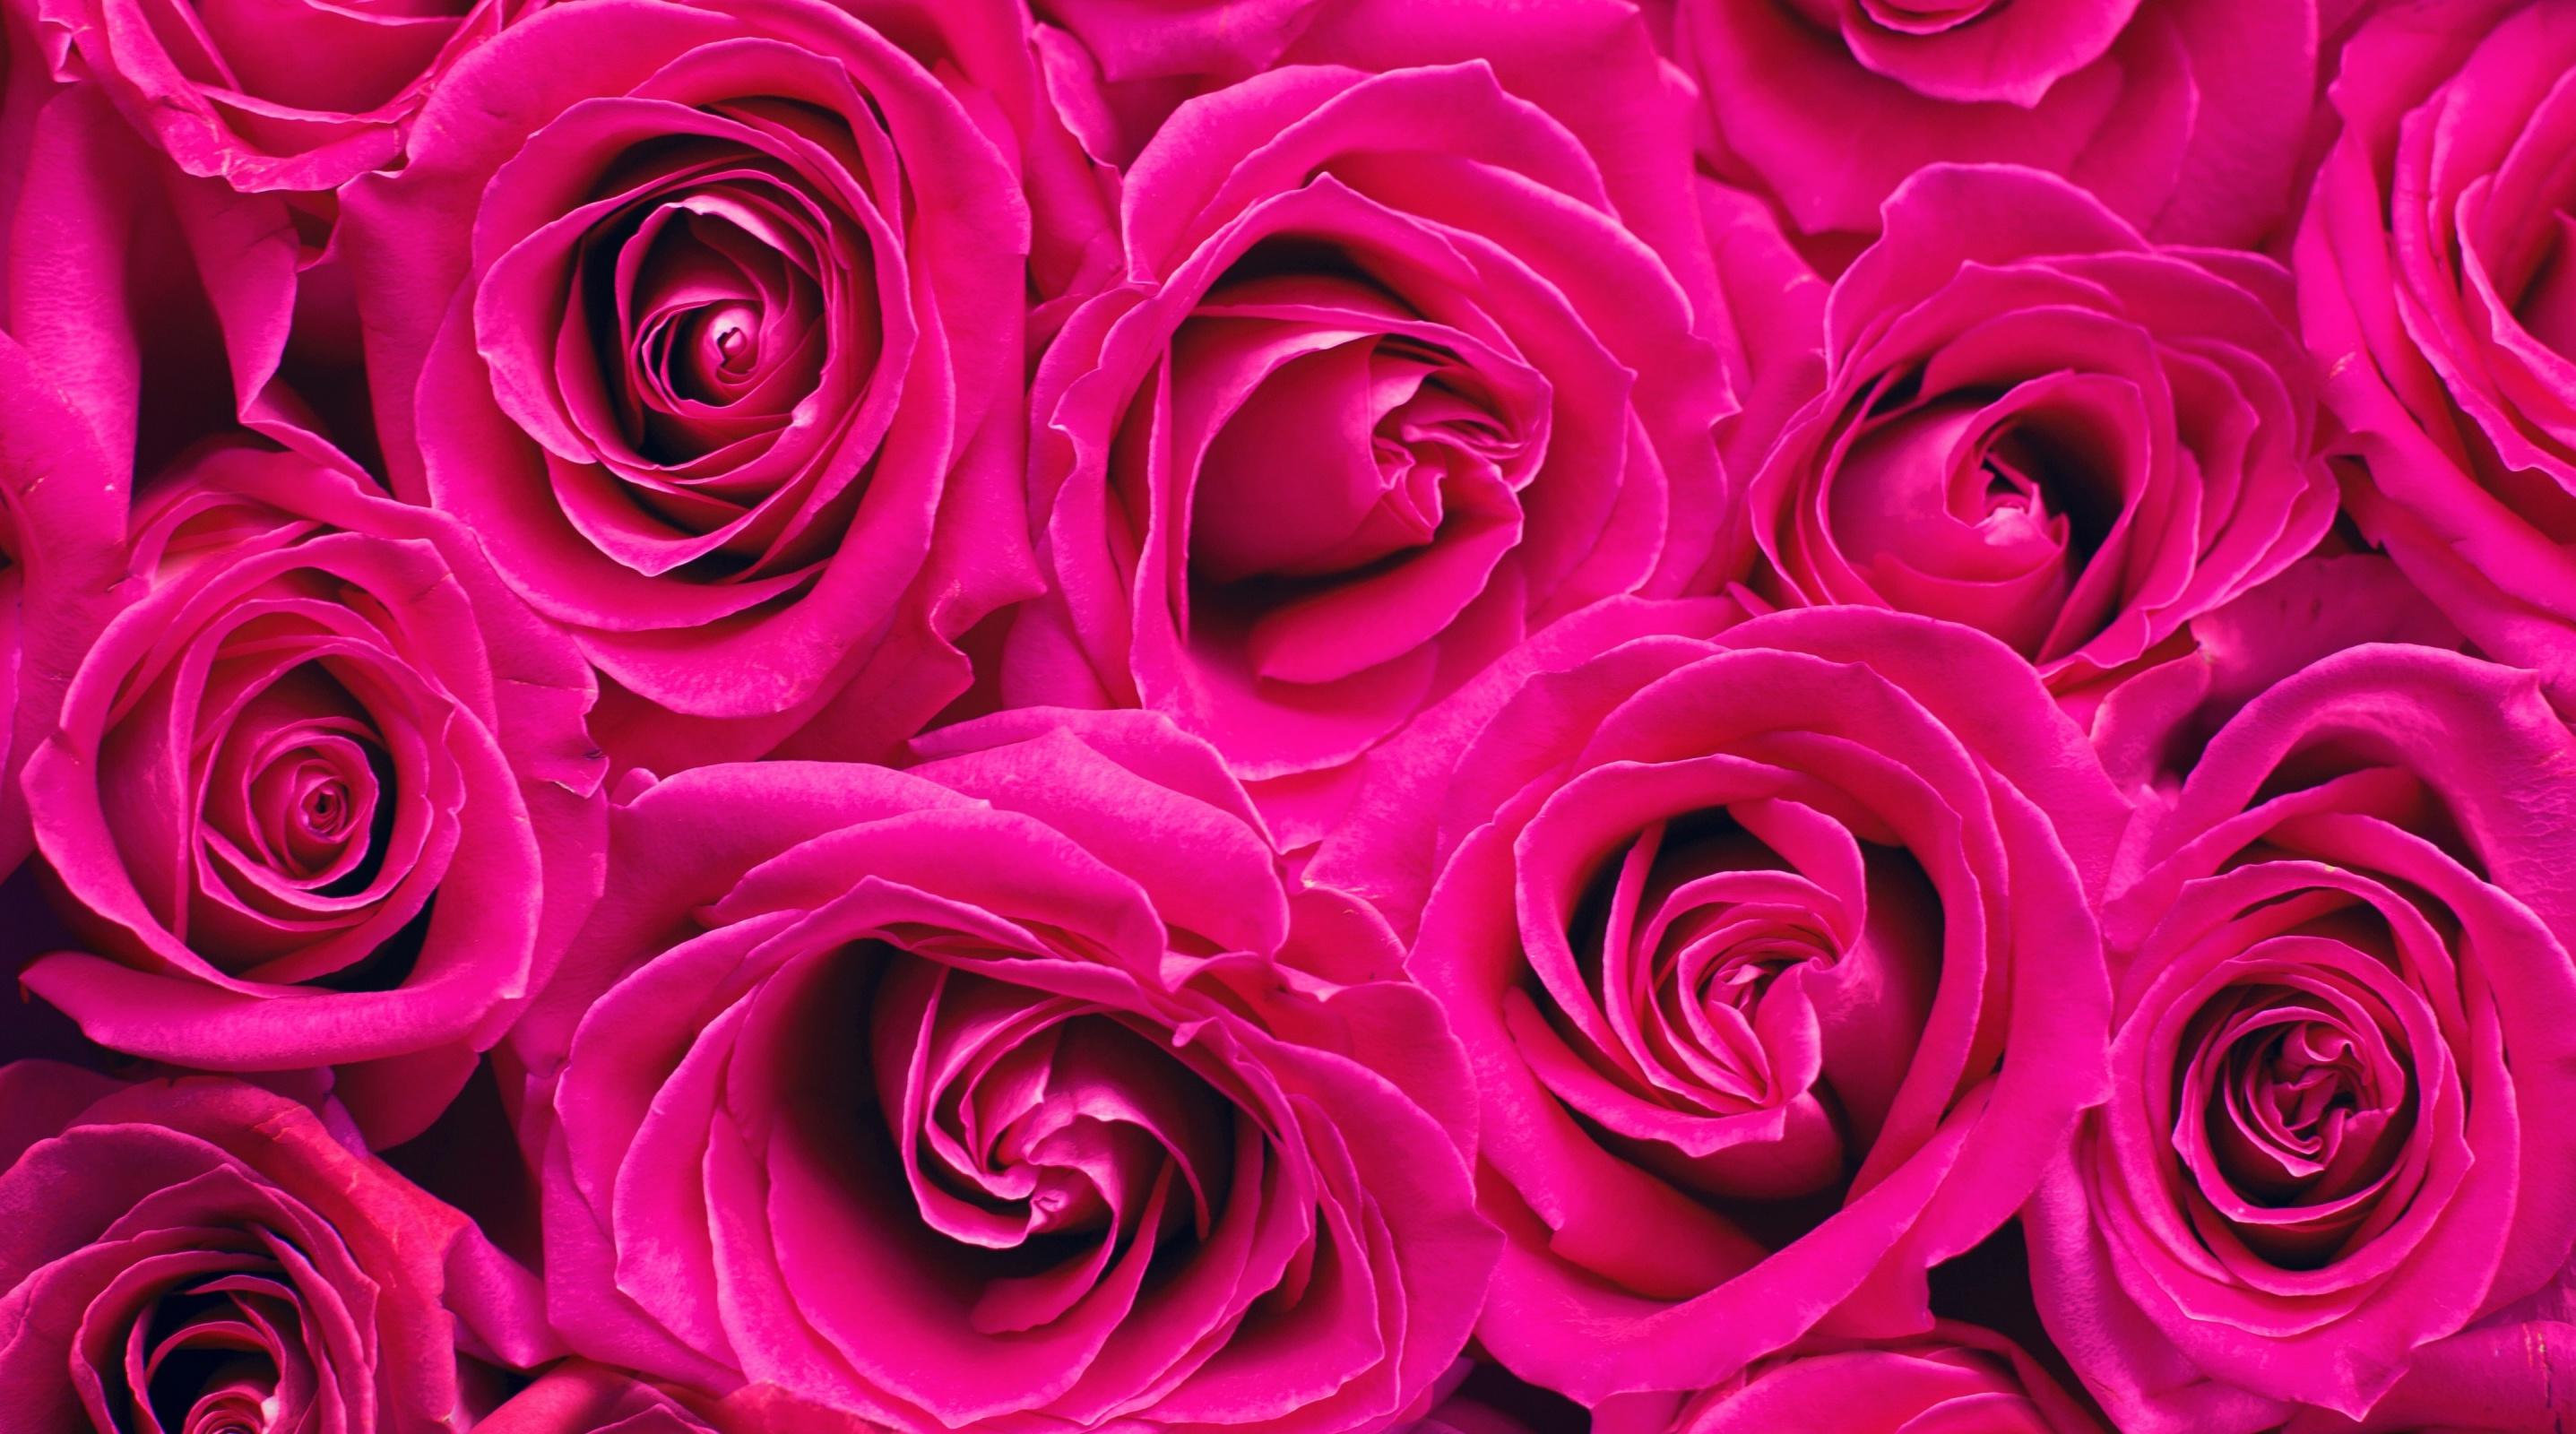 фото роз в хорошем качестве для печати этом она